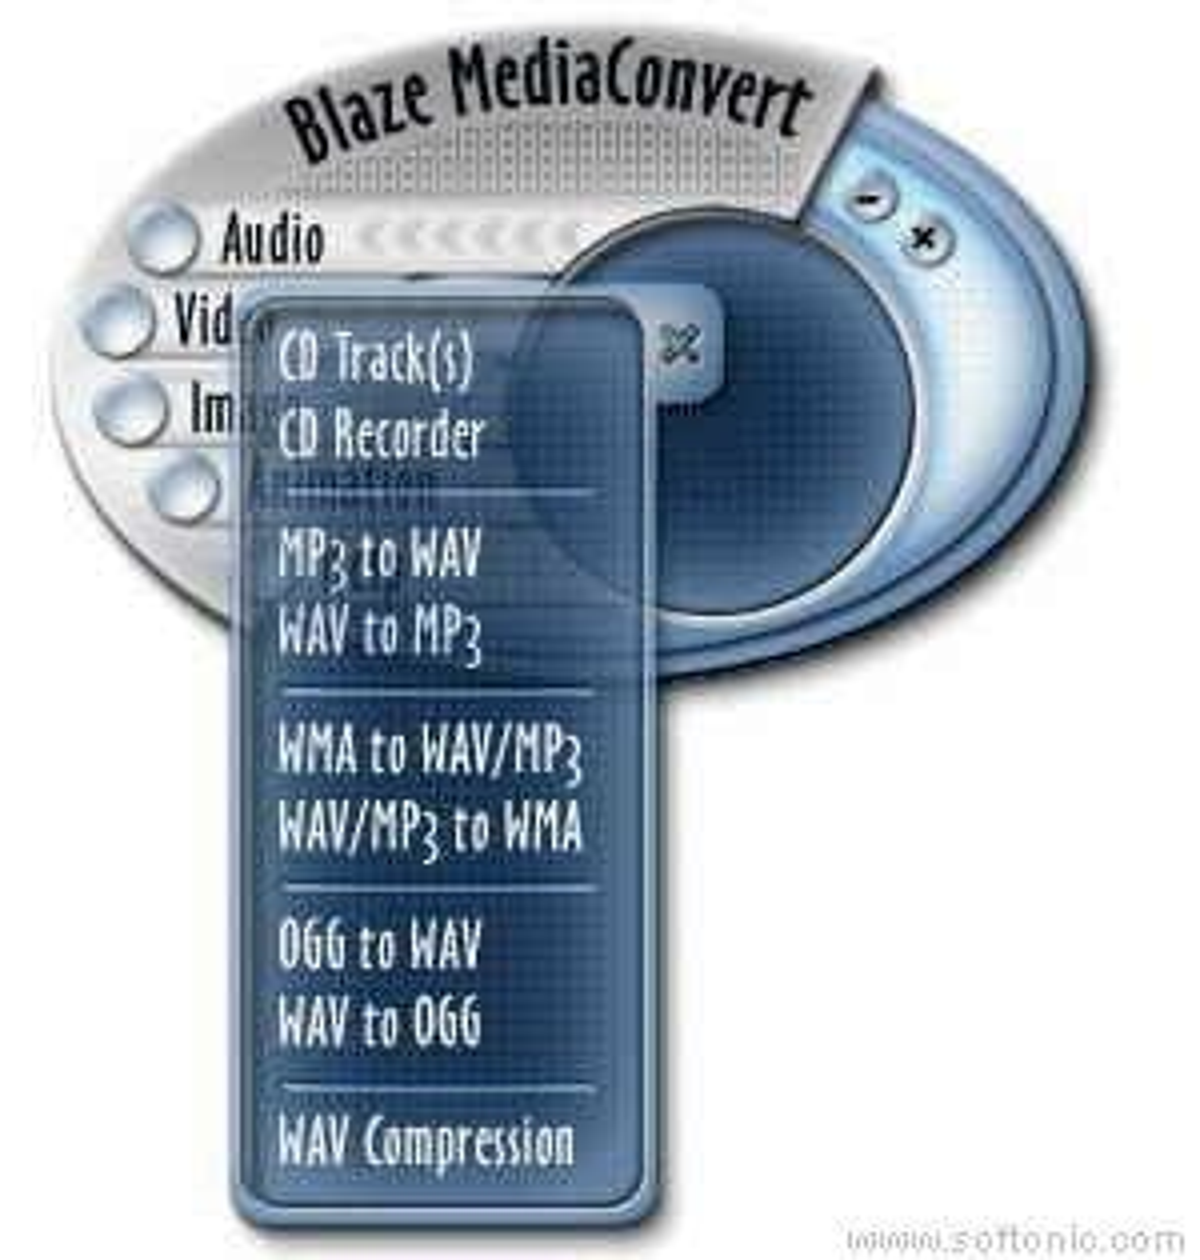 Blaze MediaConvert